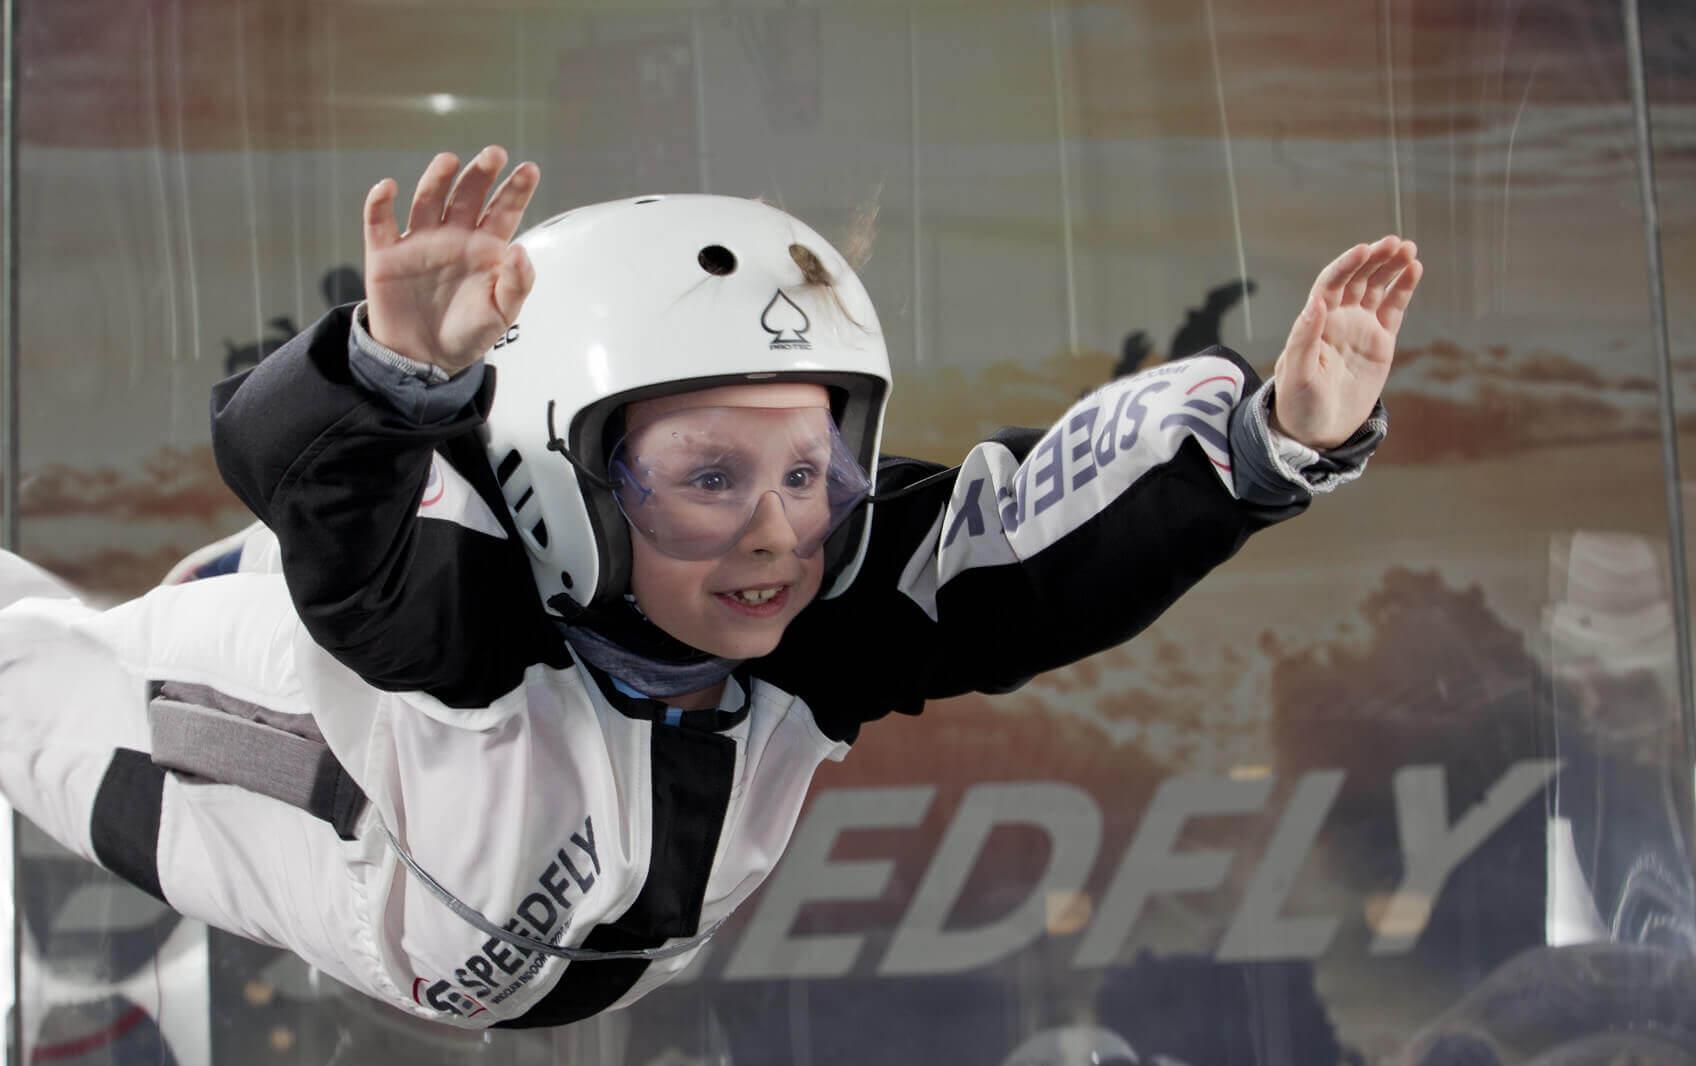 Kto może latać w tunelu aerodynamicznym? | Tunel Aerodynamiczny SpeedFly